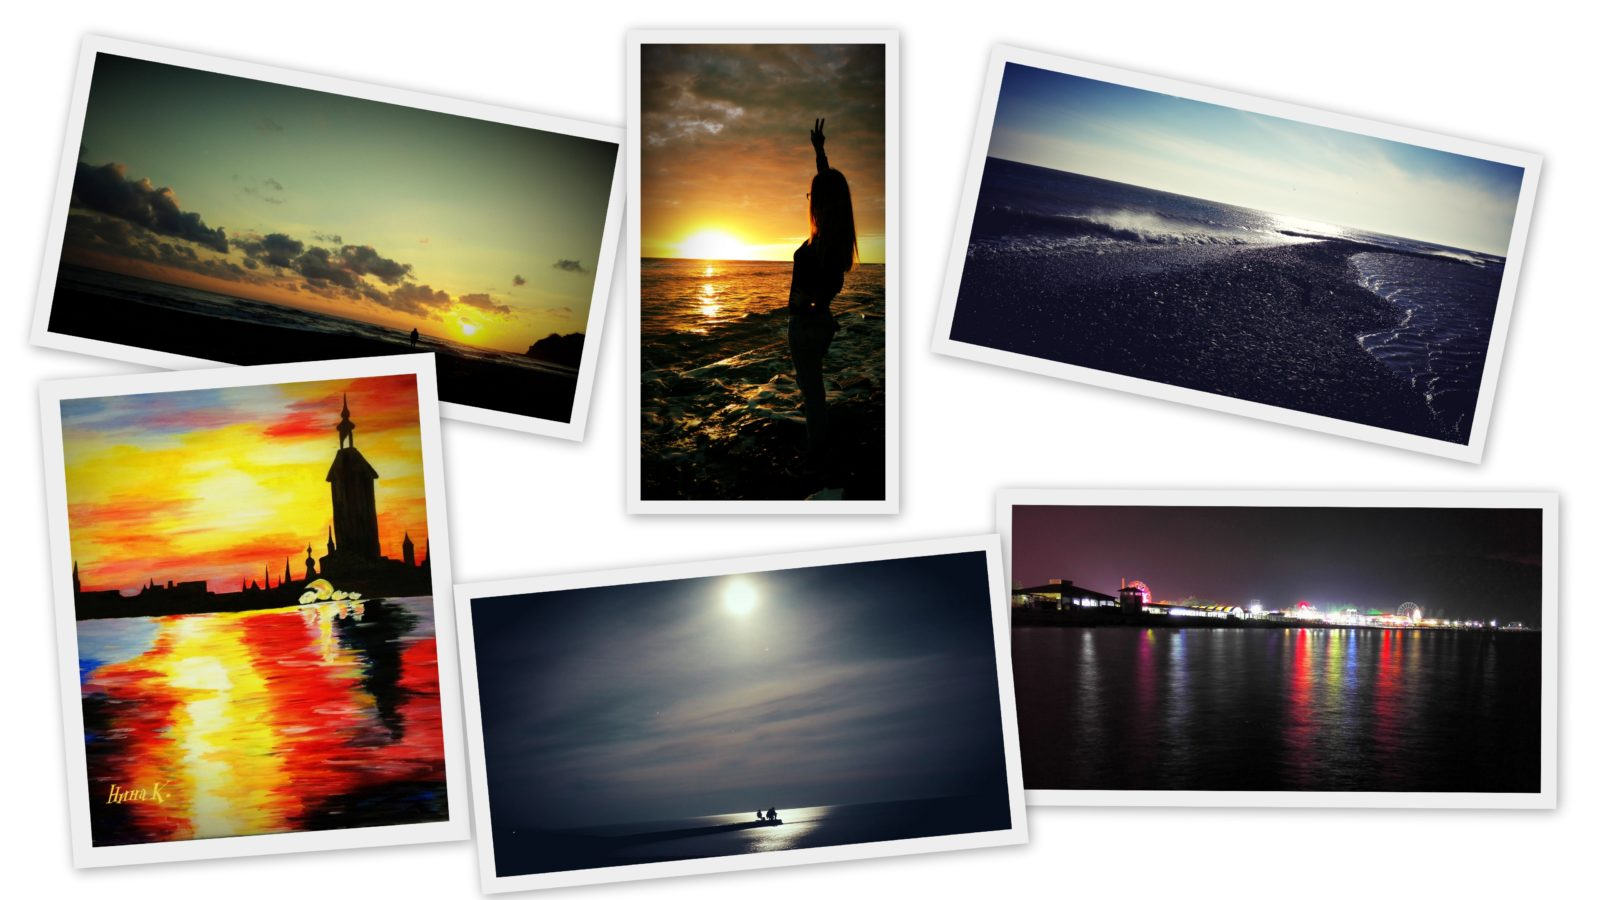 Черное море, отдых на черном море, отель, гостиница, гостиница Lounge Place